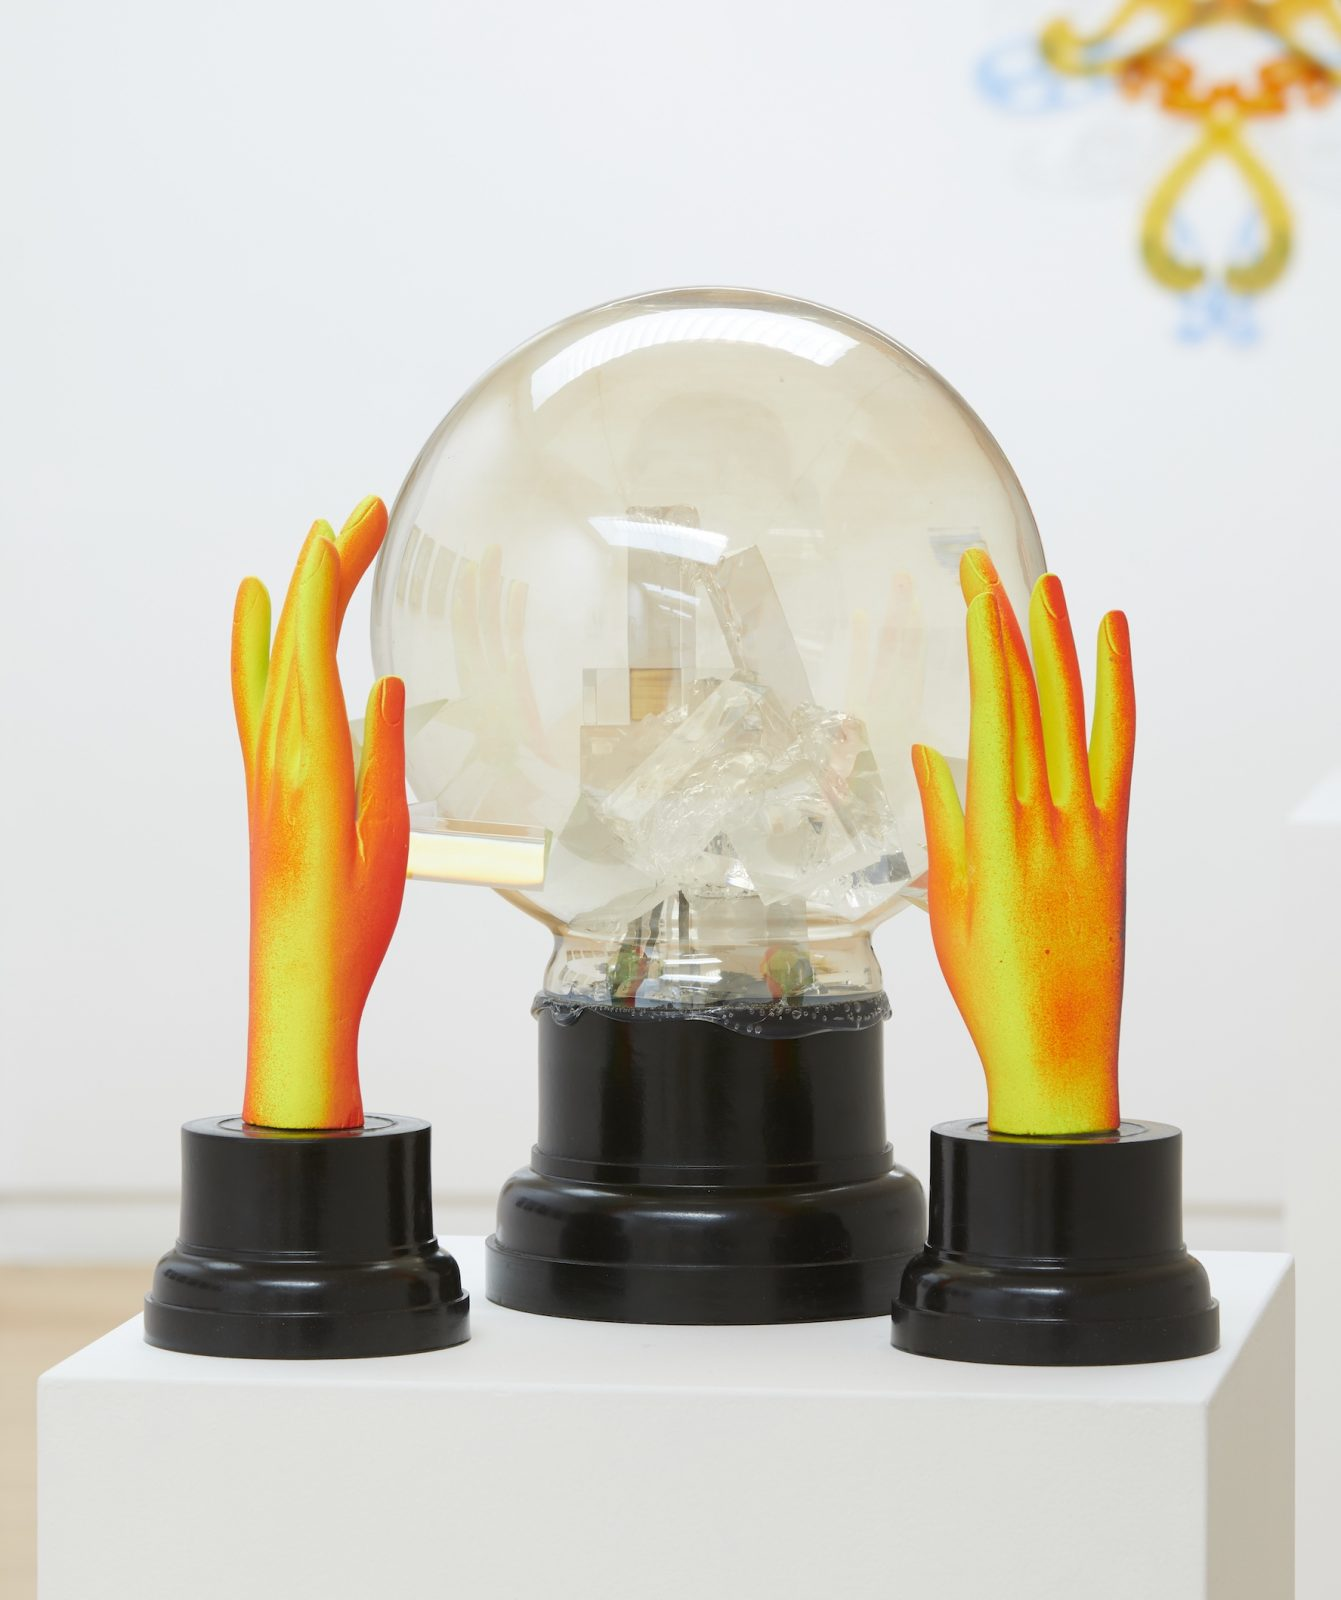 Judy Darragh featured artwork